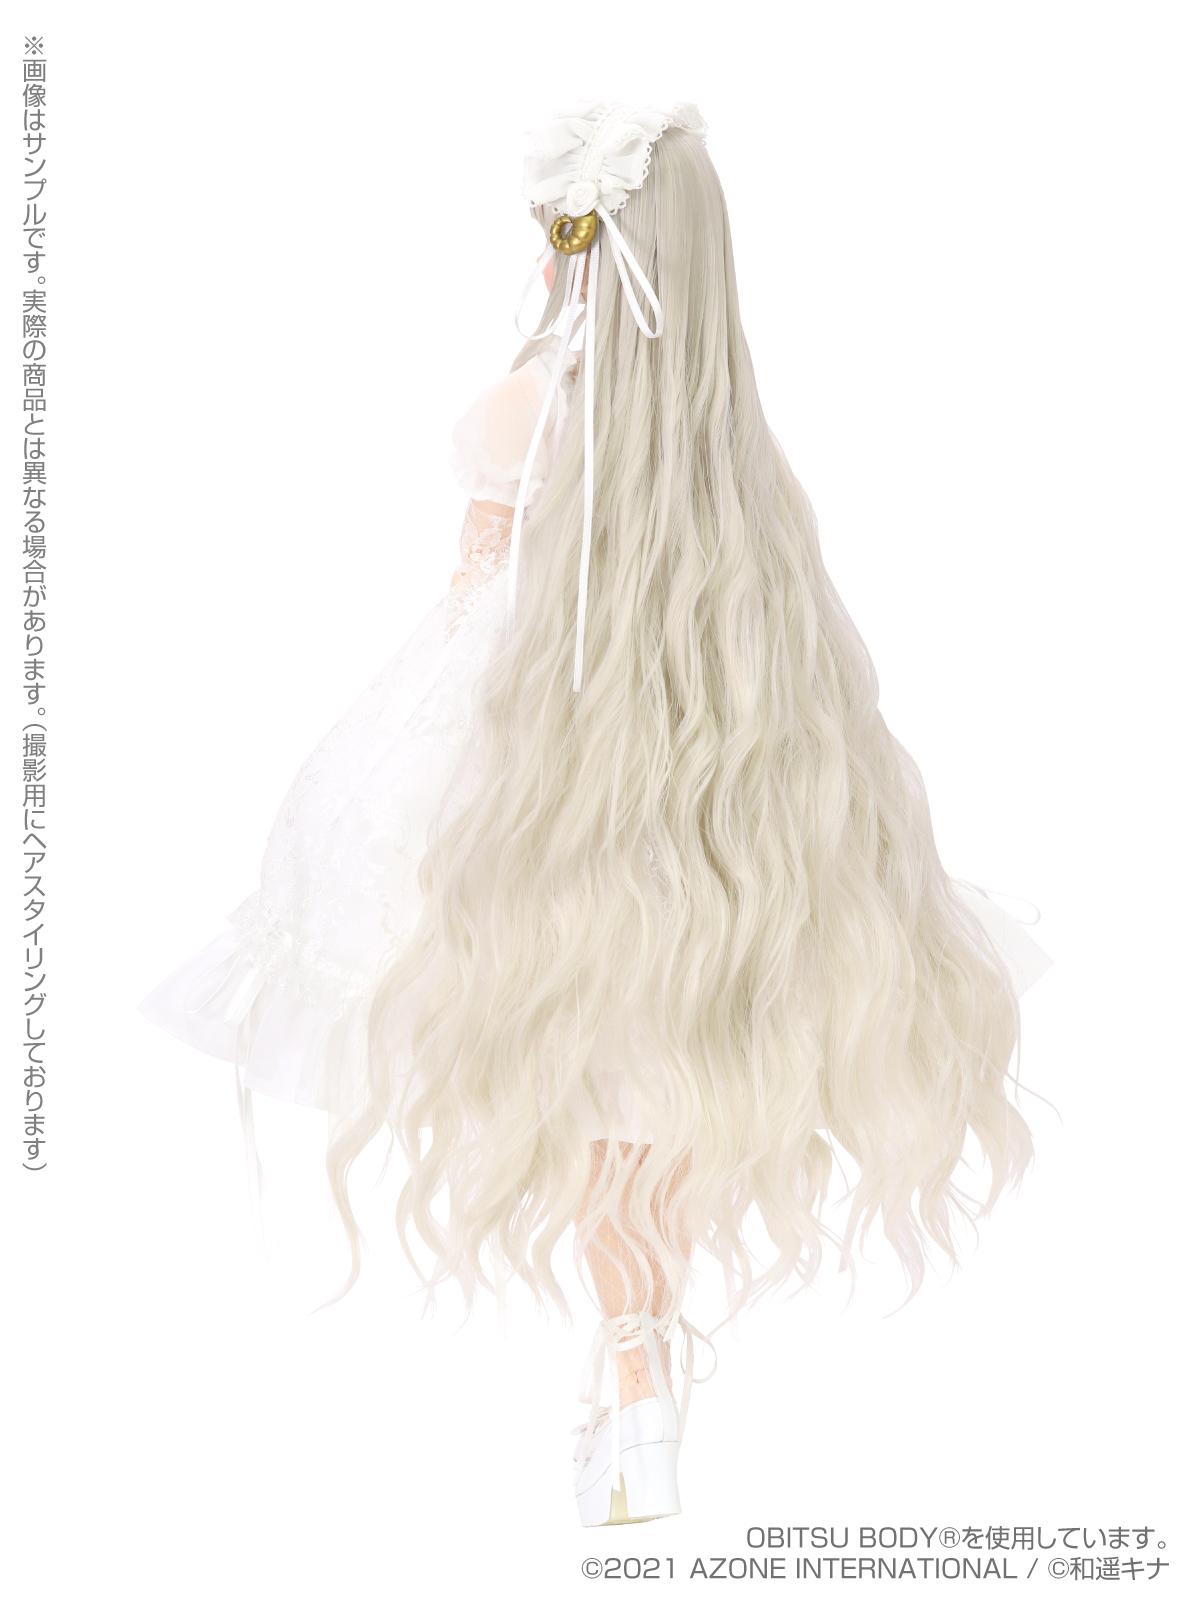 Iris Collect アイリス コレクト Kina's Fantasy Romances『ミレーネ ~ルミランジュ家の天使~』1/3 完成品ドール-008